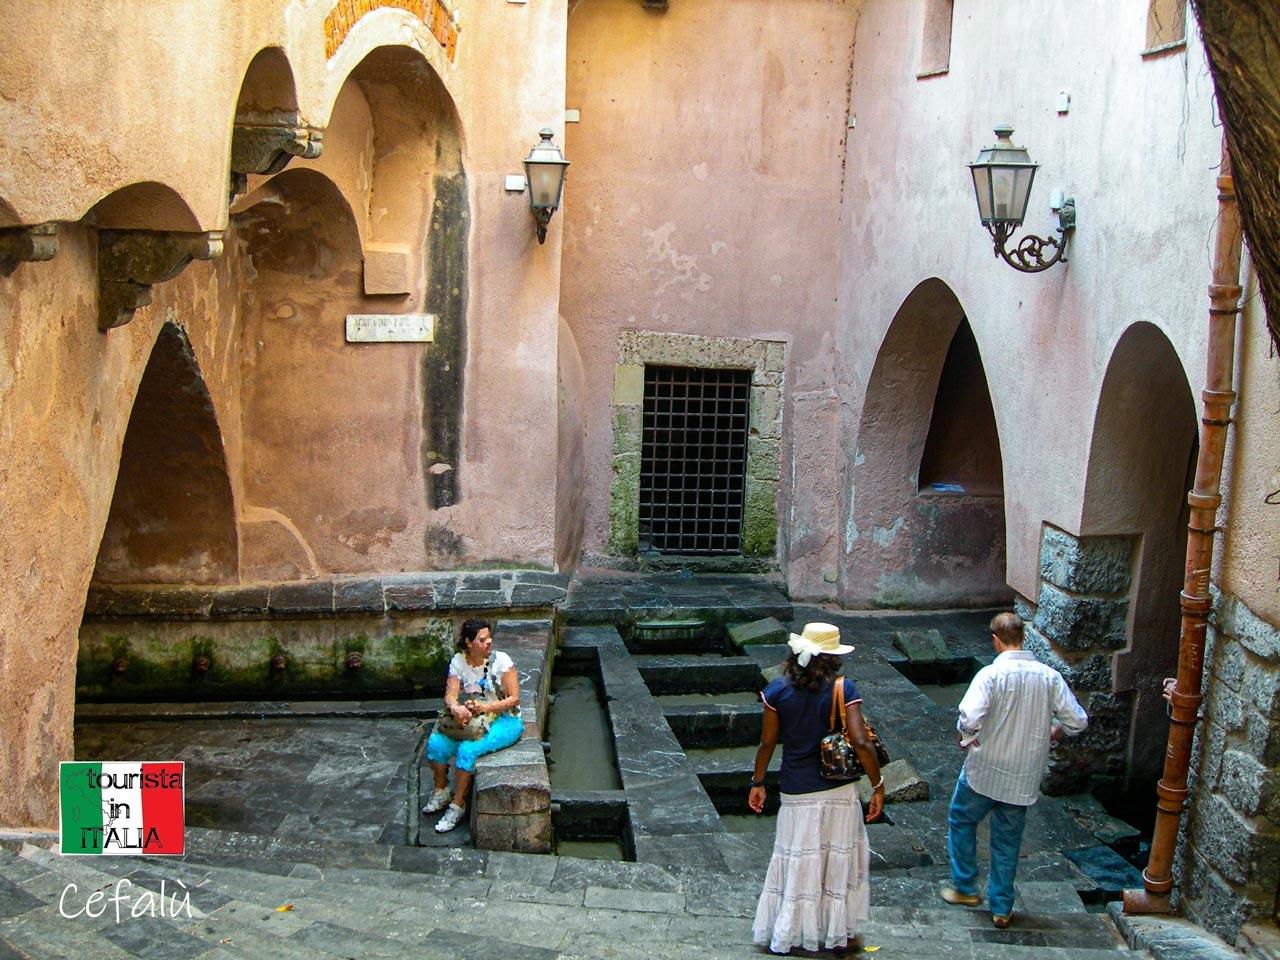 Cefalu, lavatoio medievale